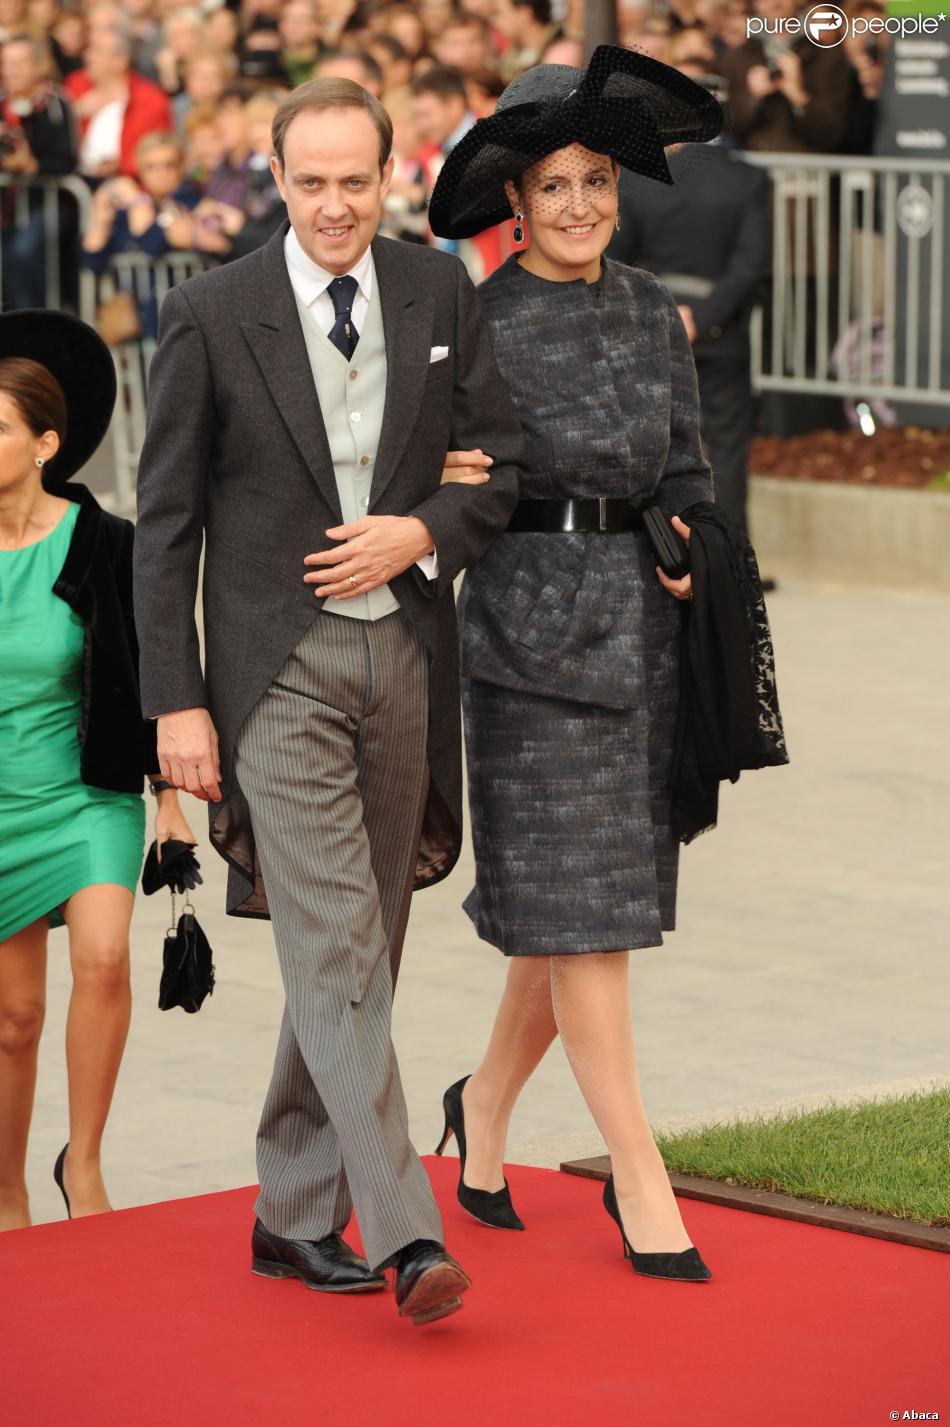 Le prince Jean d'Orléans et la princesse Philomena le 20 octobre 2012 au Luxembourg lors du mariage du grand-duc héritier Guillaume et de la comtesse Stéphanie.